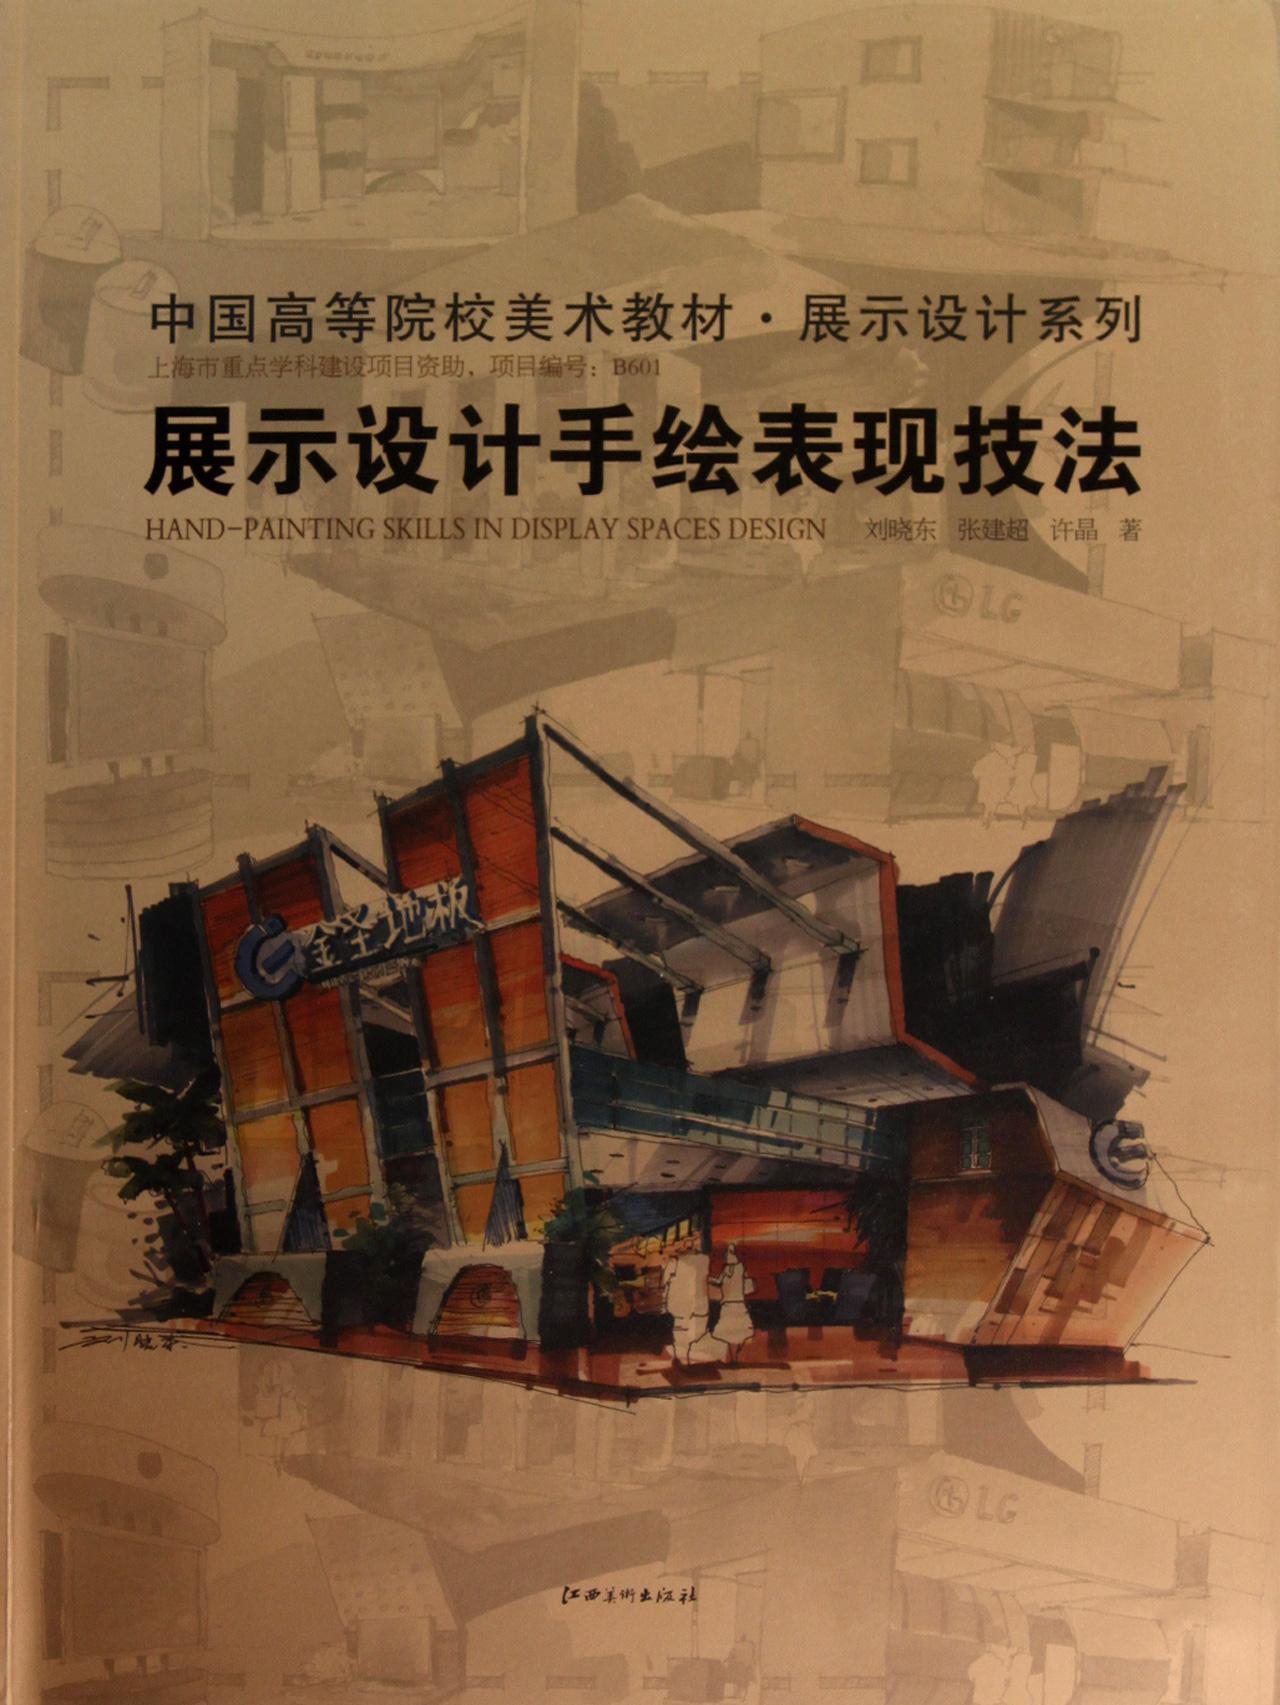 展示设计手绘表现技法中国高等院校美术教材/展示